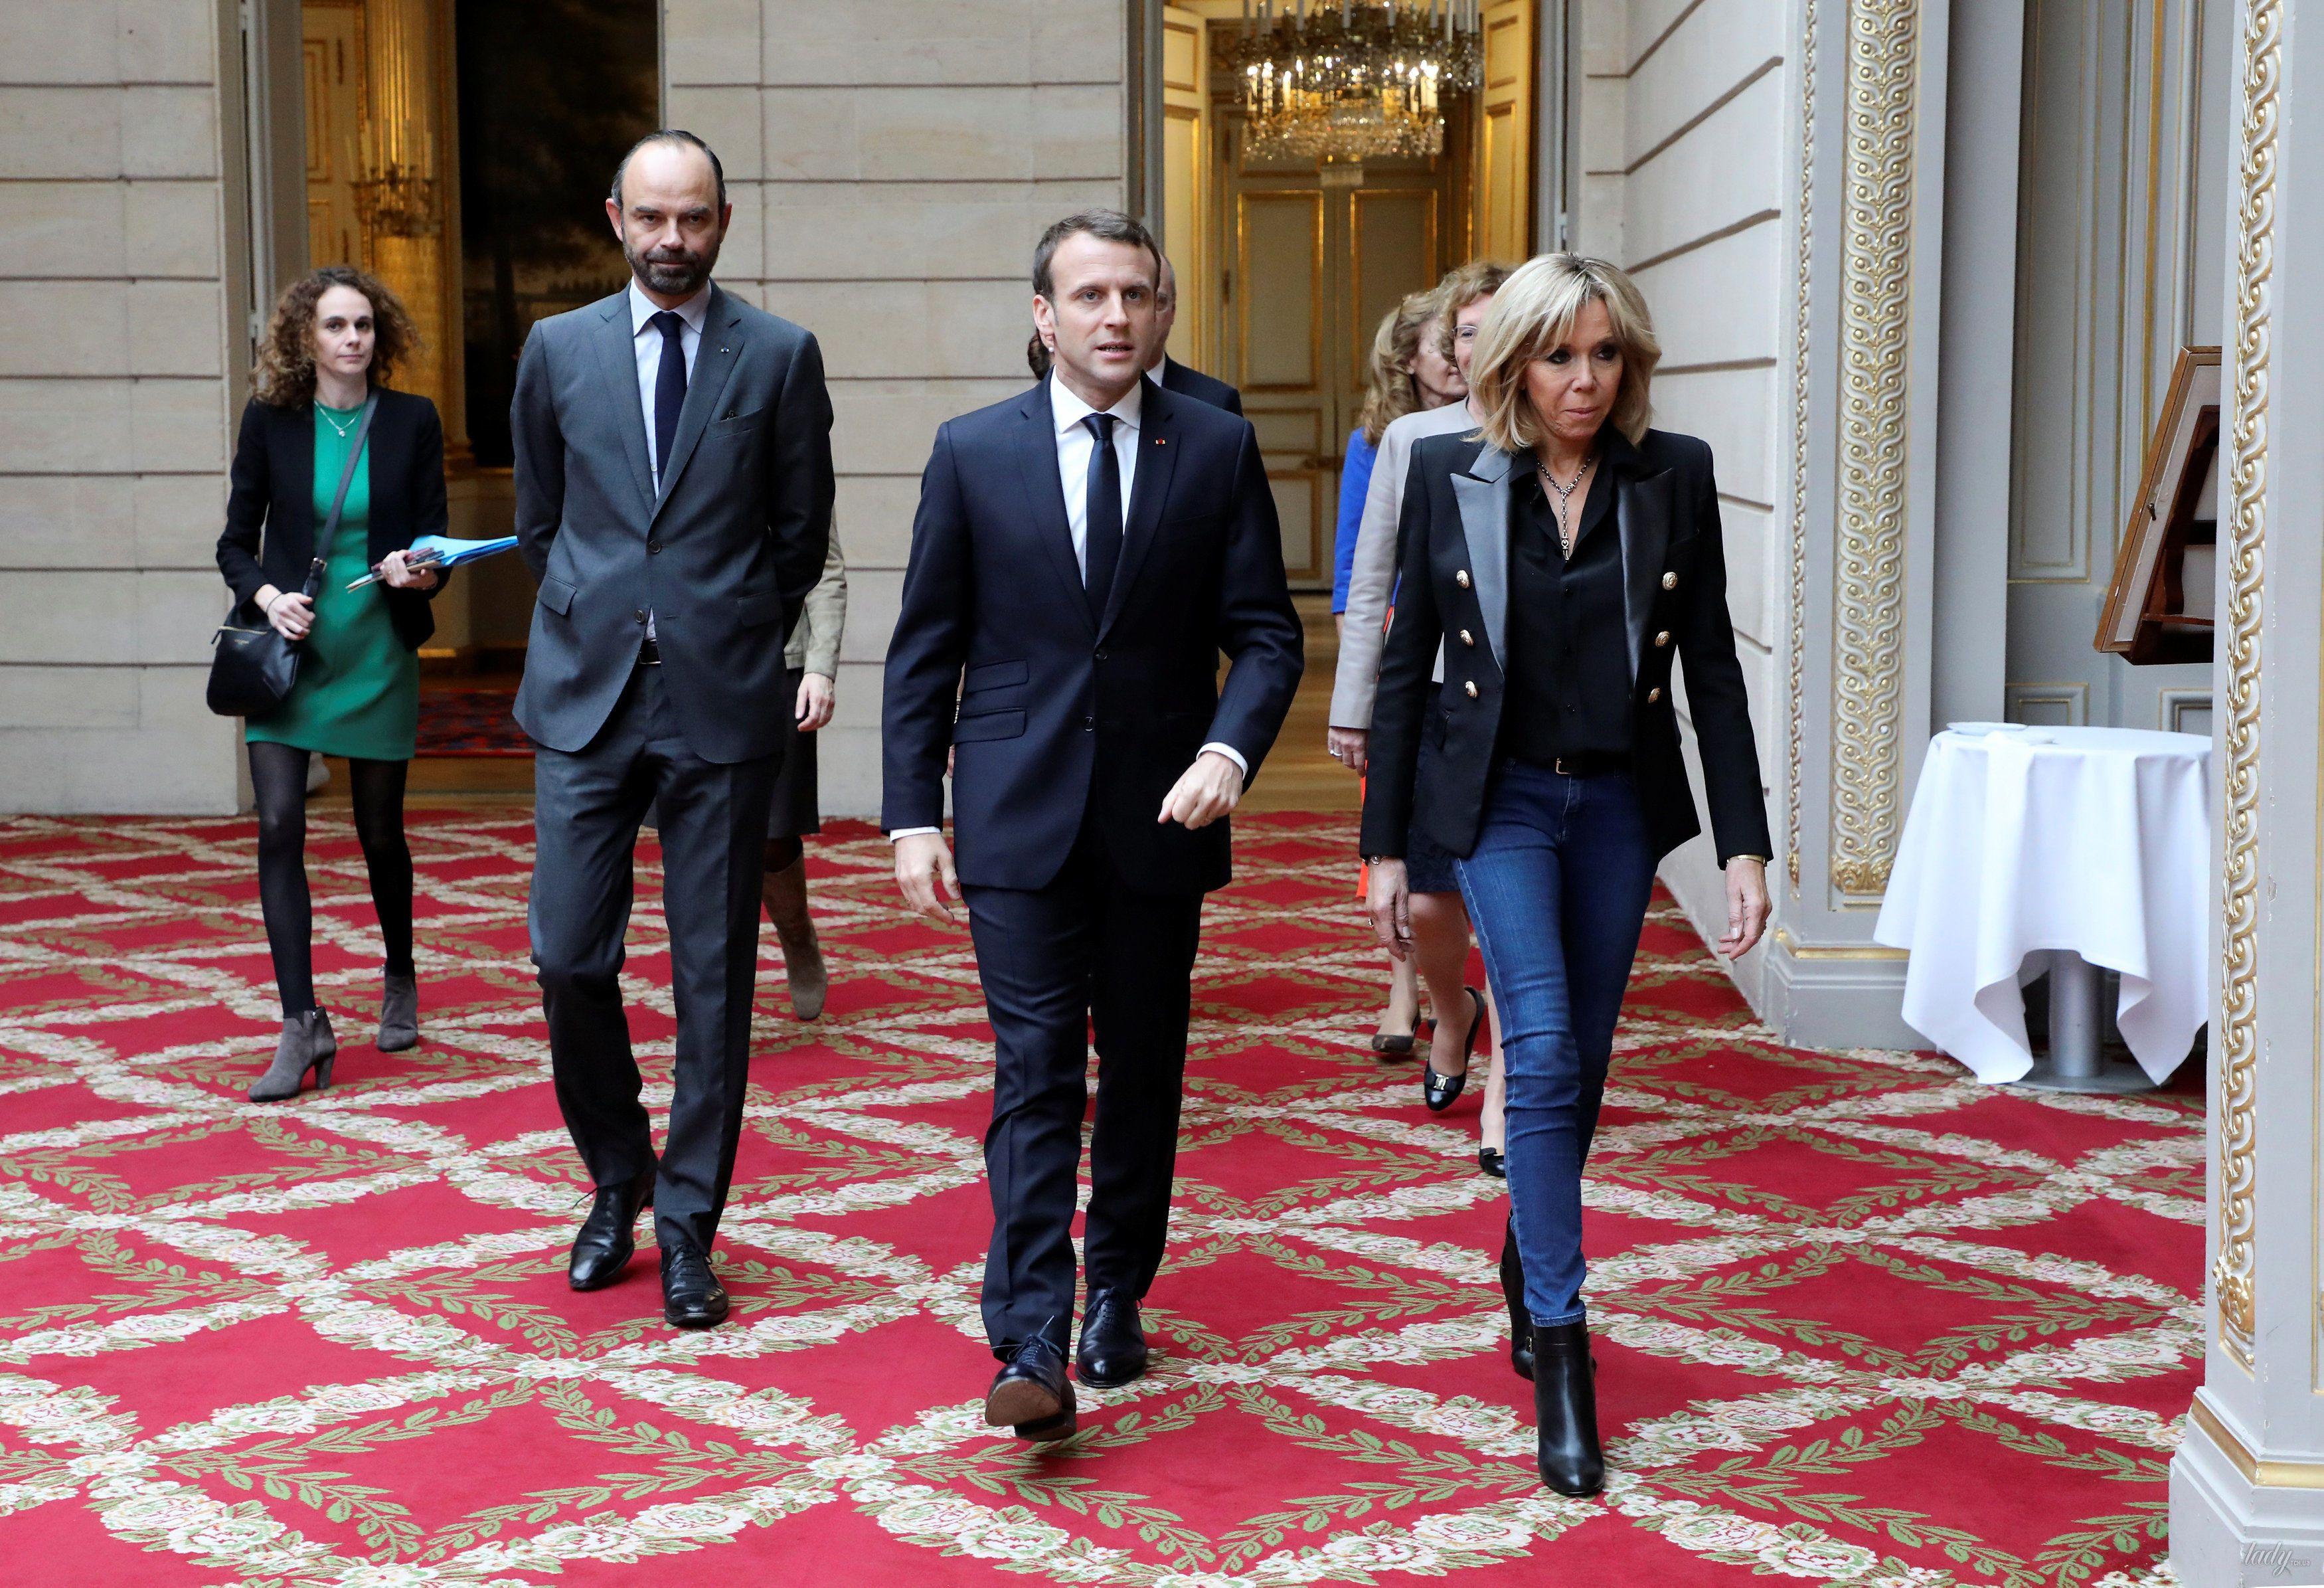 Макрон объявил, что Франция изменит собственный колониальный подход кафриканским народам